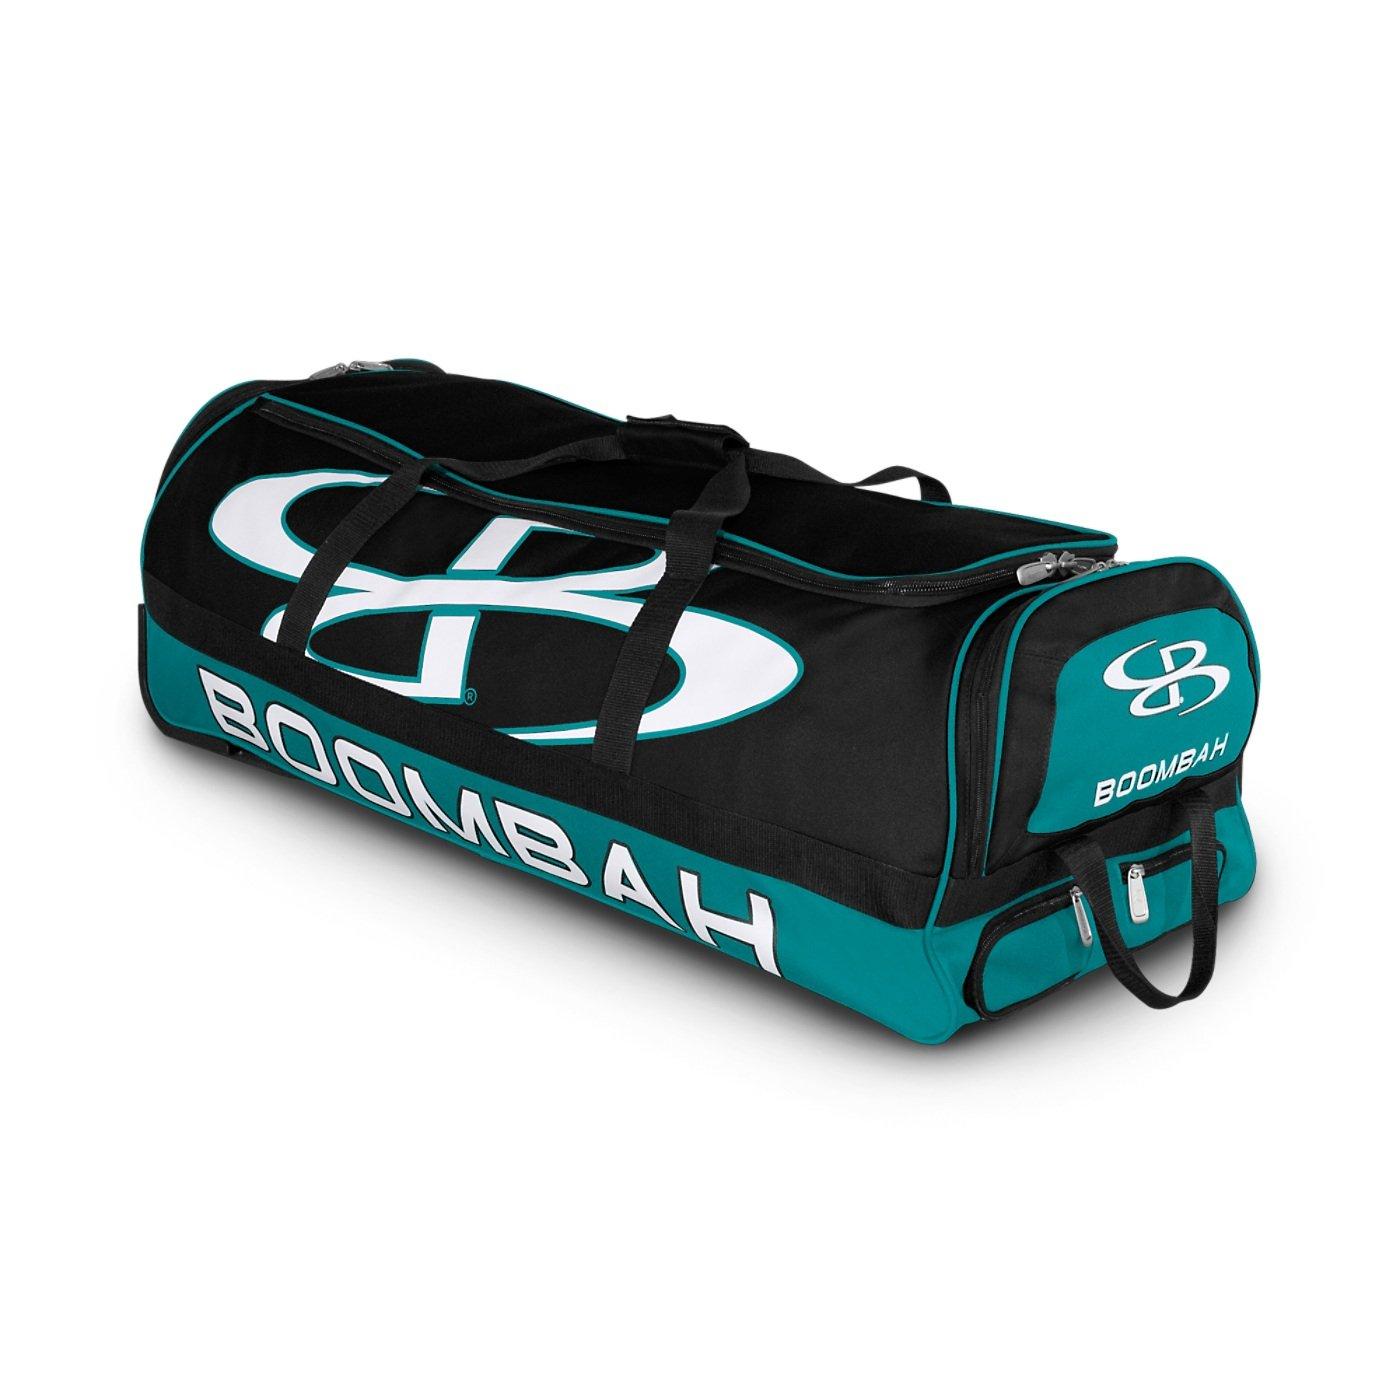 (ブームバー) Boombah Bruteシリーズ キャスター付きバットケース 野球ソフトボール用 35×15×12–1/2インチ 49色展開 4本のバットと用具を収納可能 B01MSSSPIU ブラック/ティール ブラック/ティール